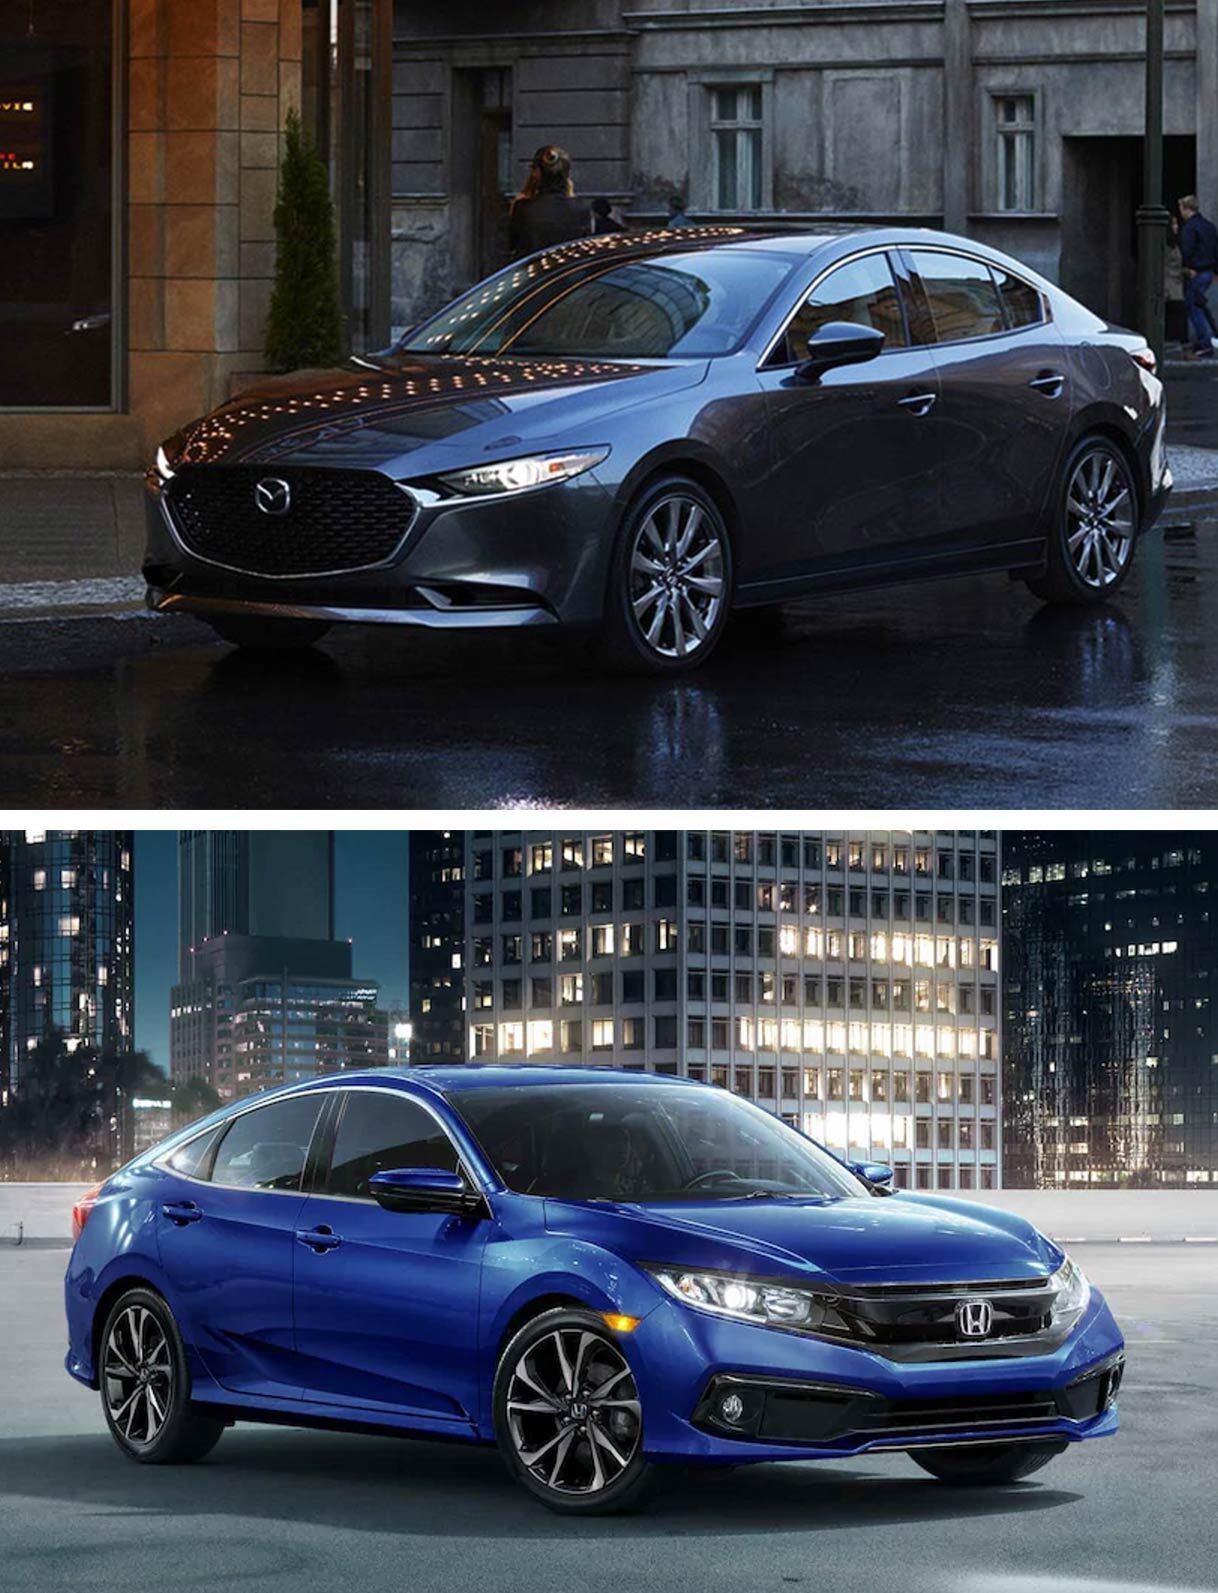 2019 Mazda 3 vs. 2019 Honda Civic